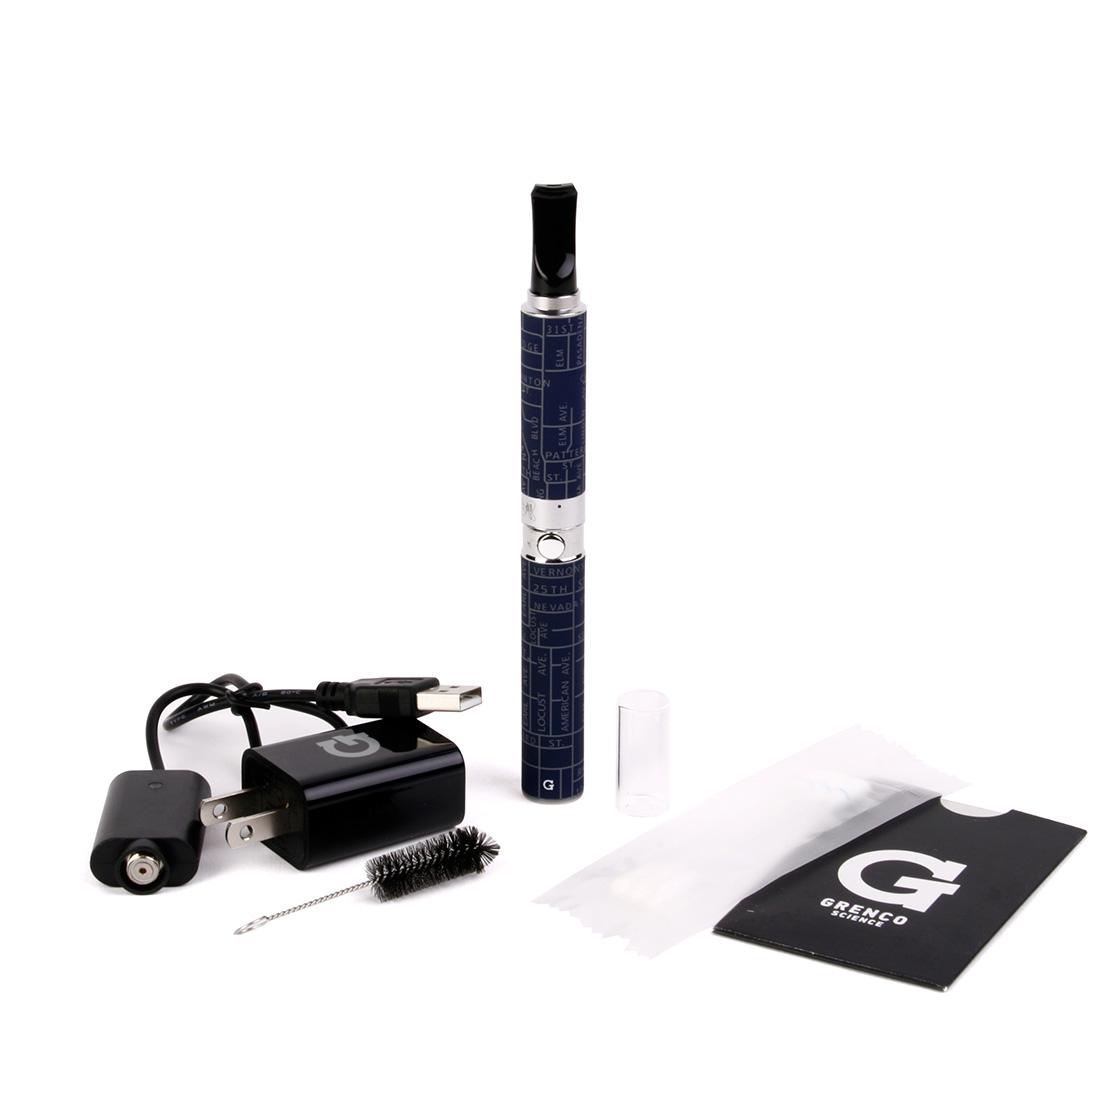 vaporisateur gpen